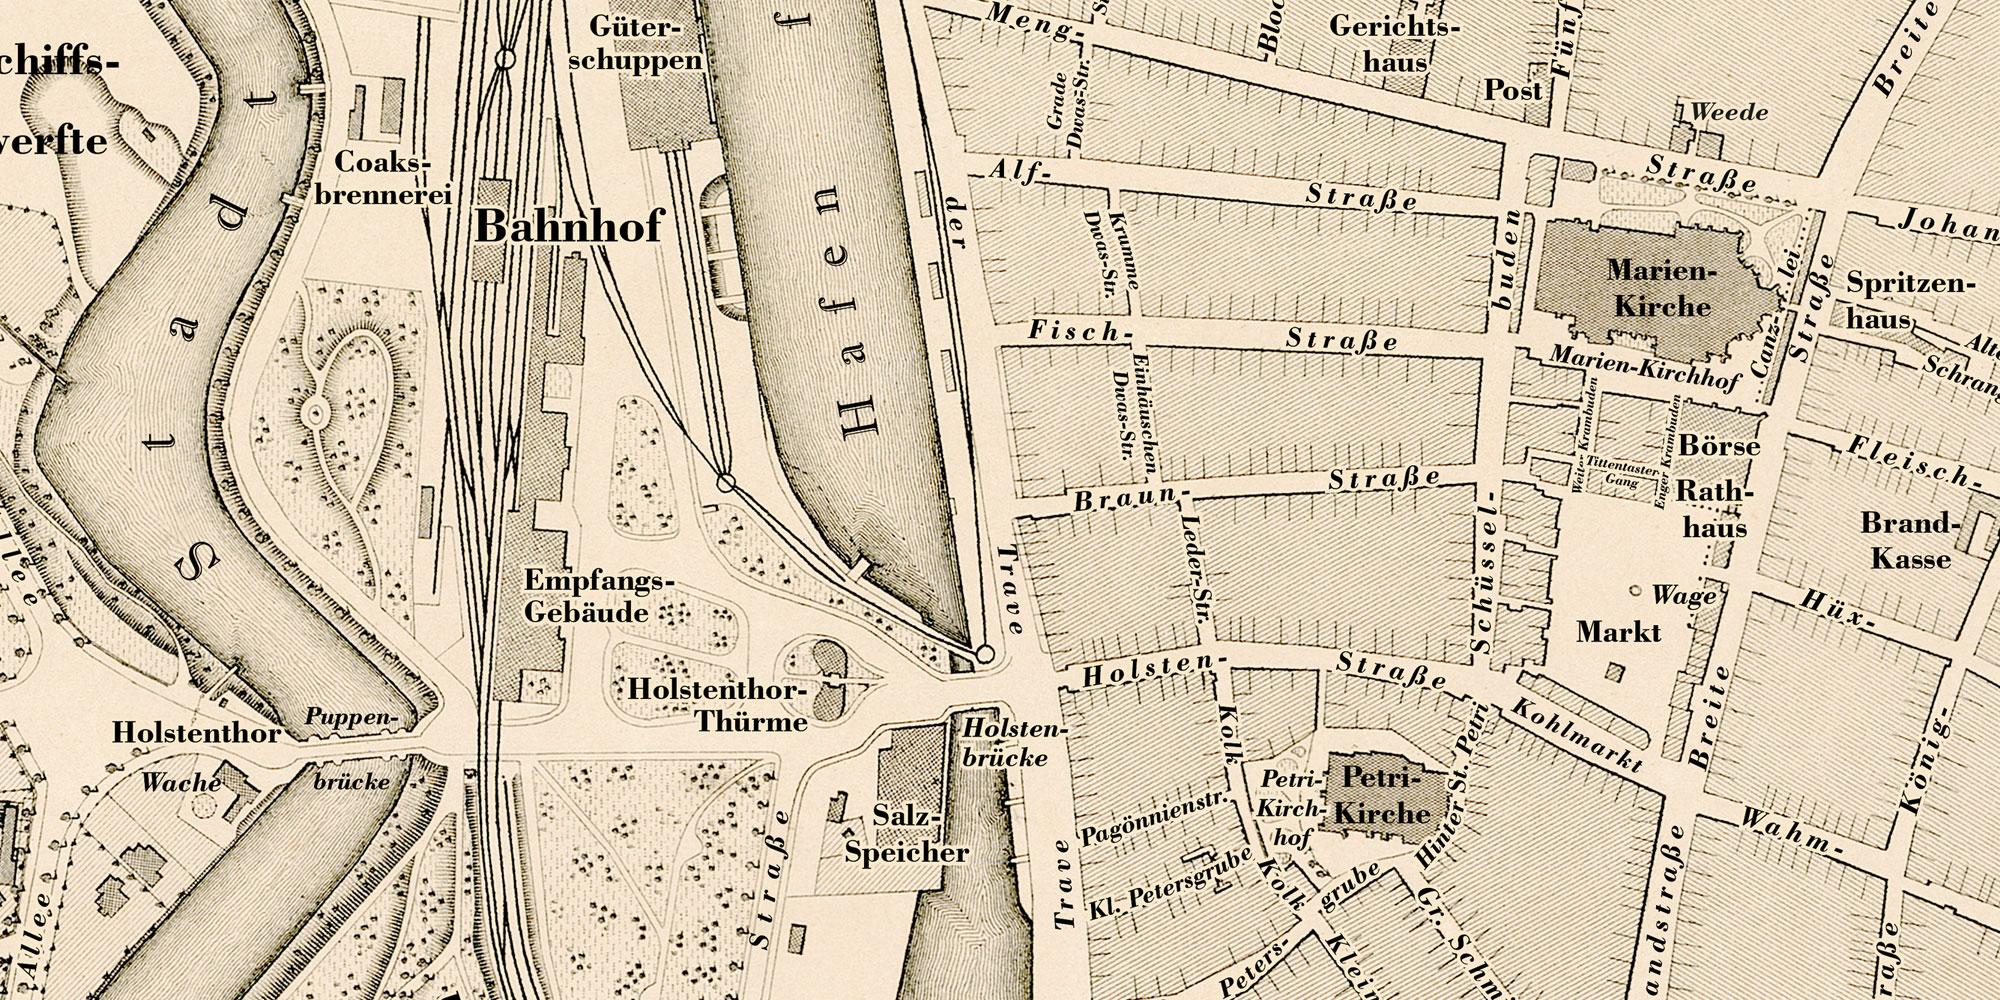 Major Fink 1872: Karte von Lübeck - nach der Restaurierung